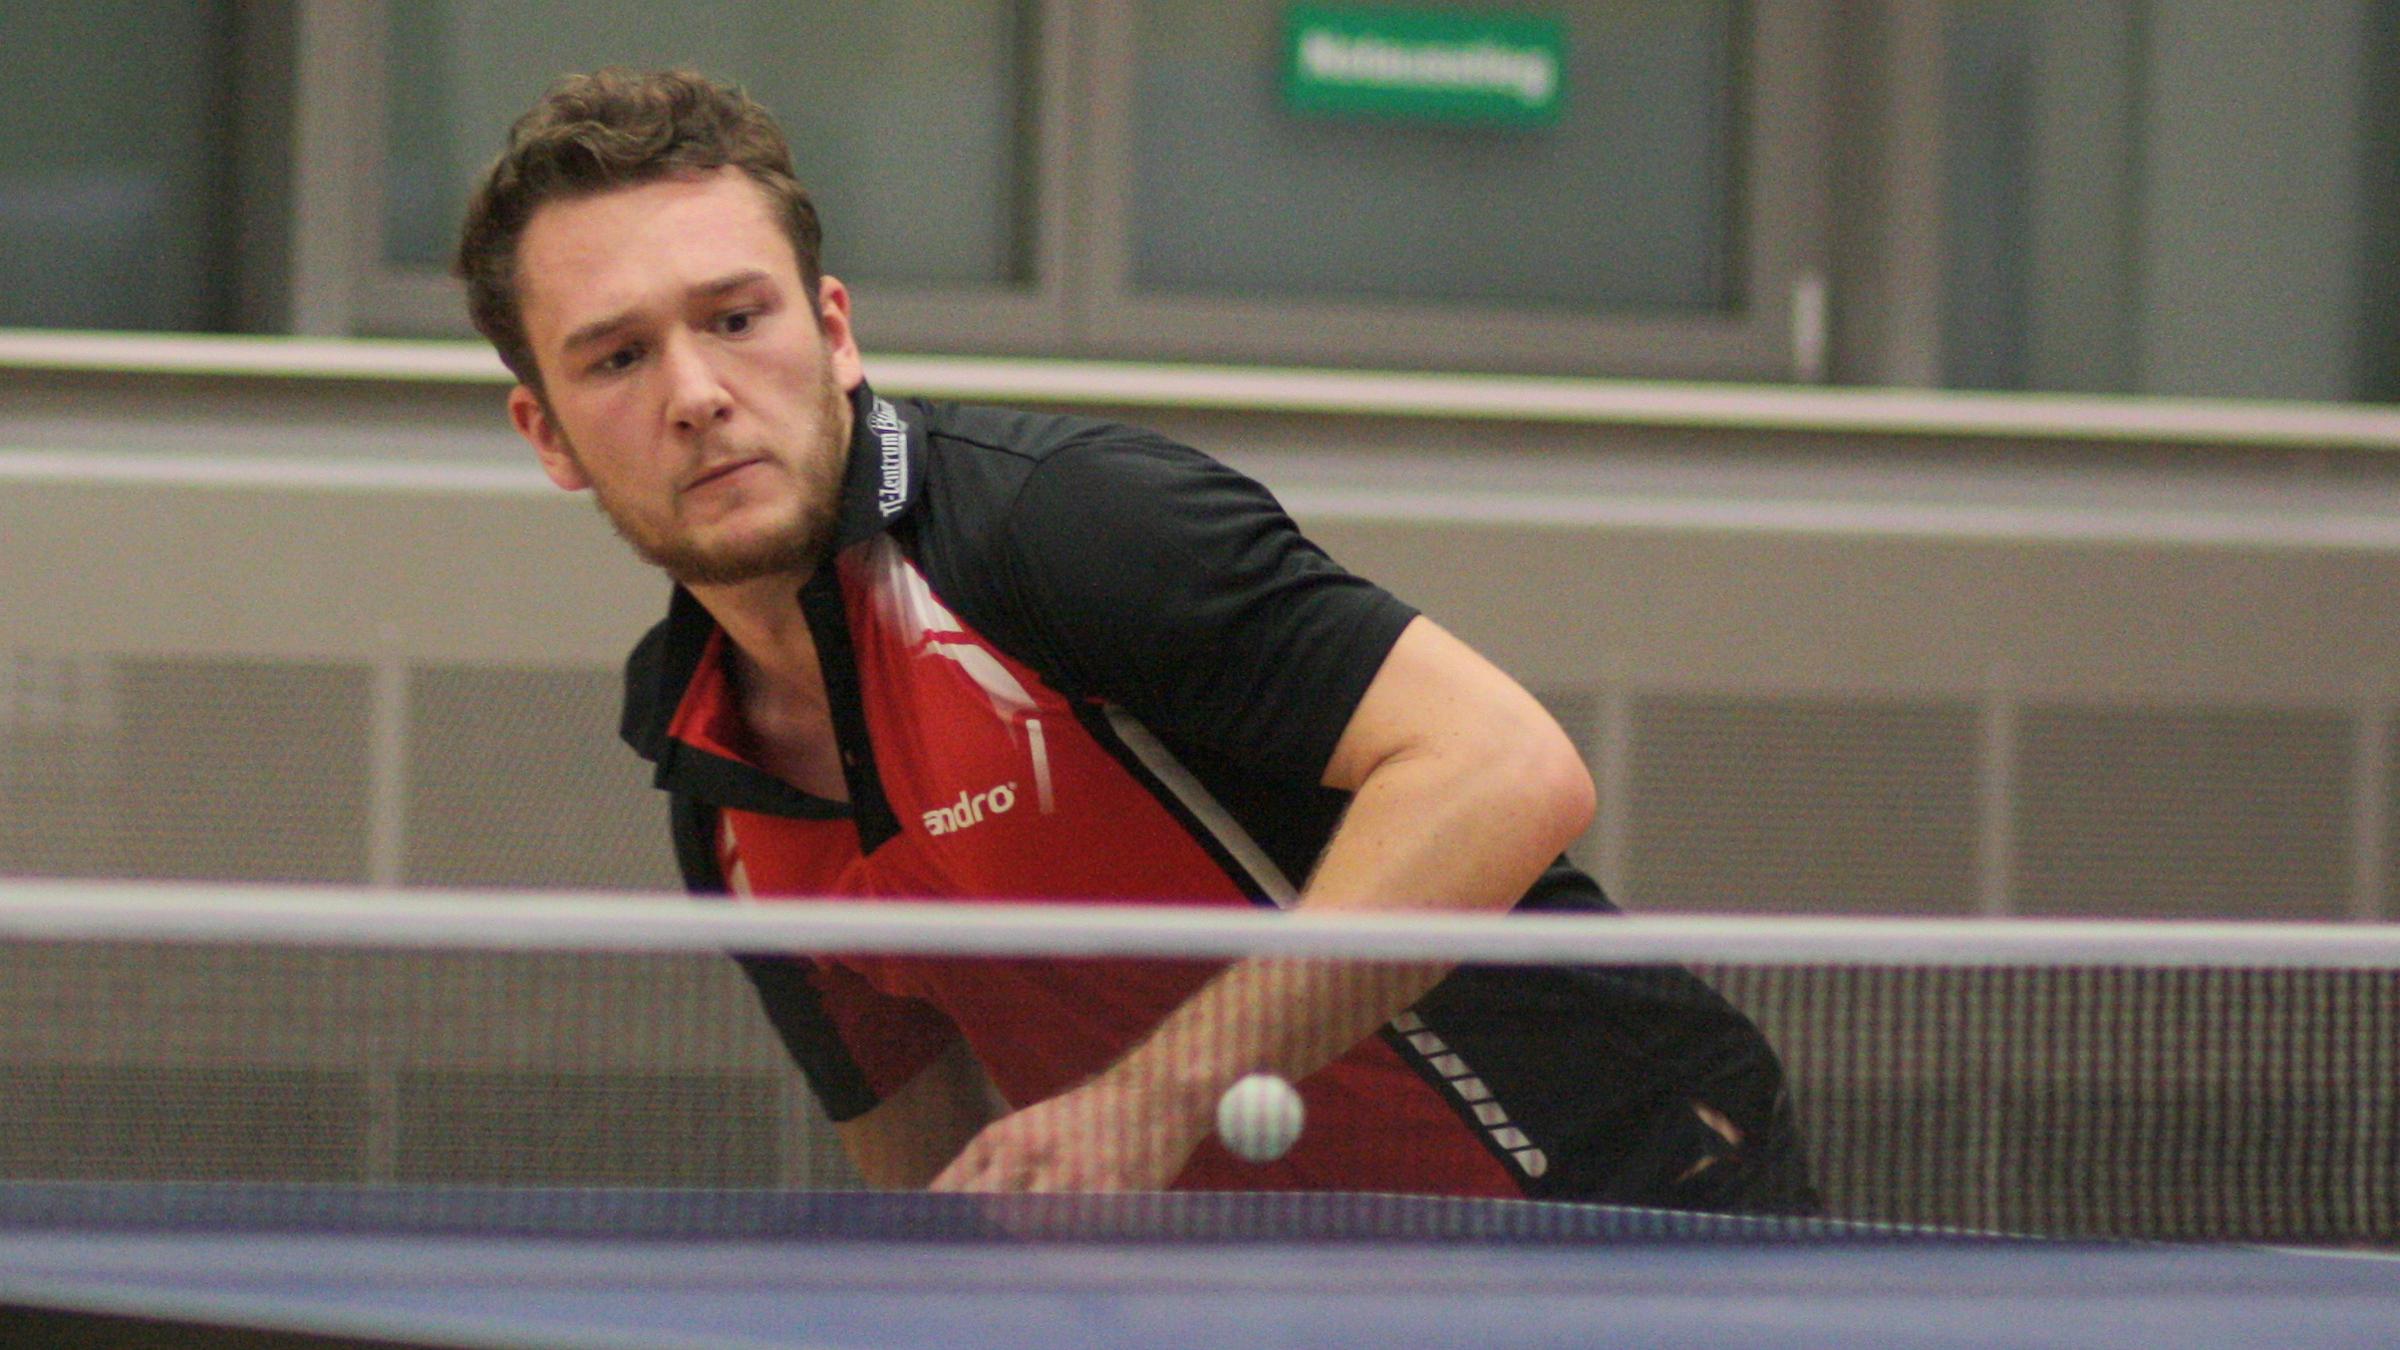 Alex gewann gegen die Füchse das Doppel und beide Einzel (Archivbild, 1.11.16, Spiel gg. TuSLi)